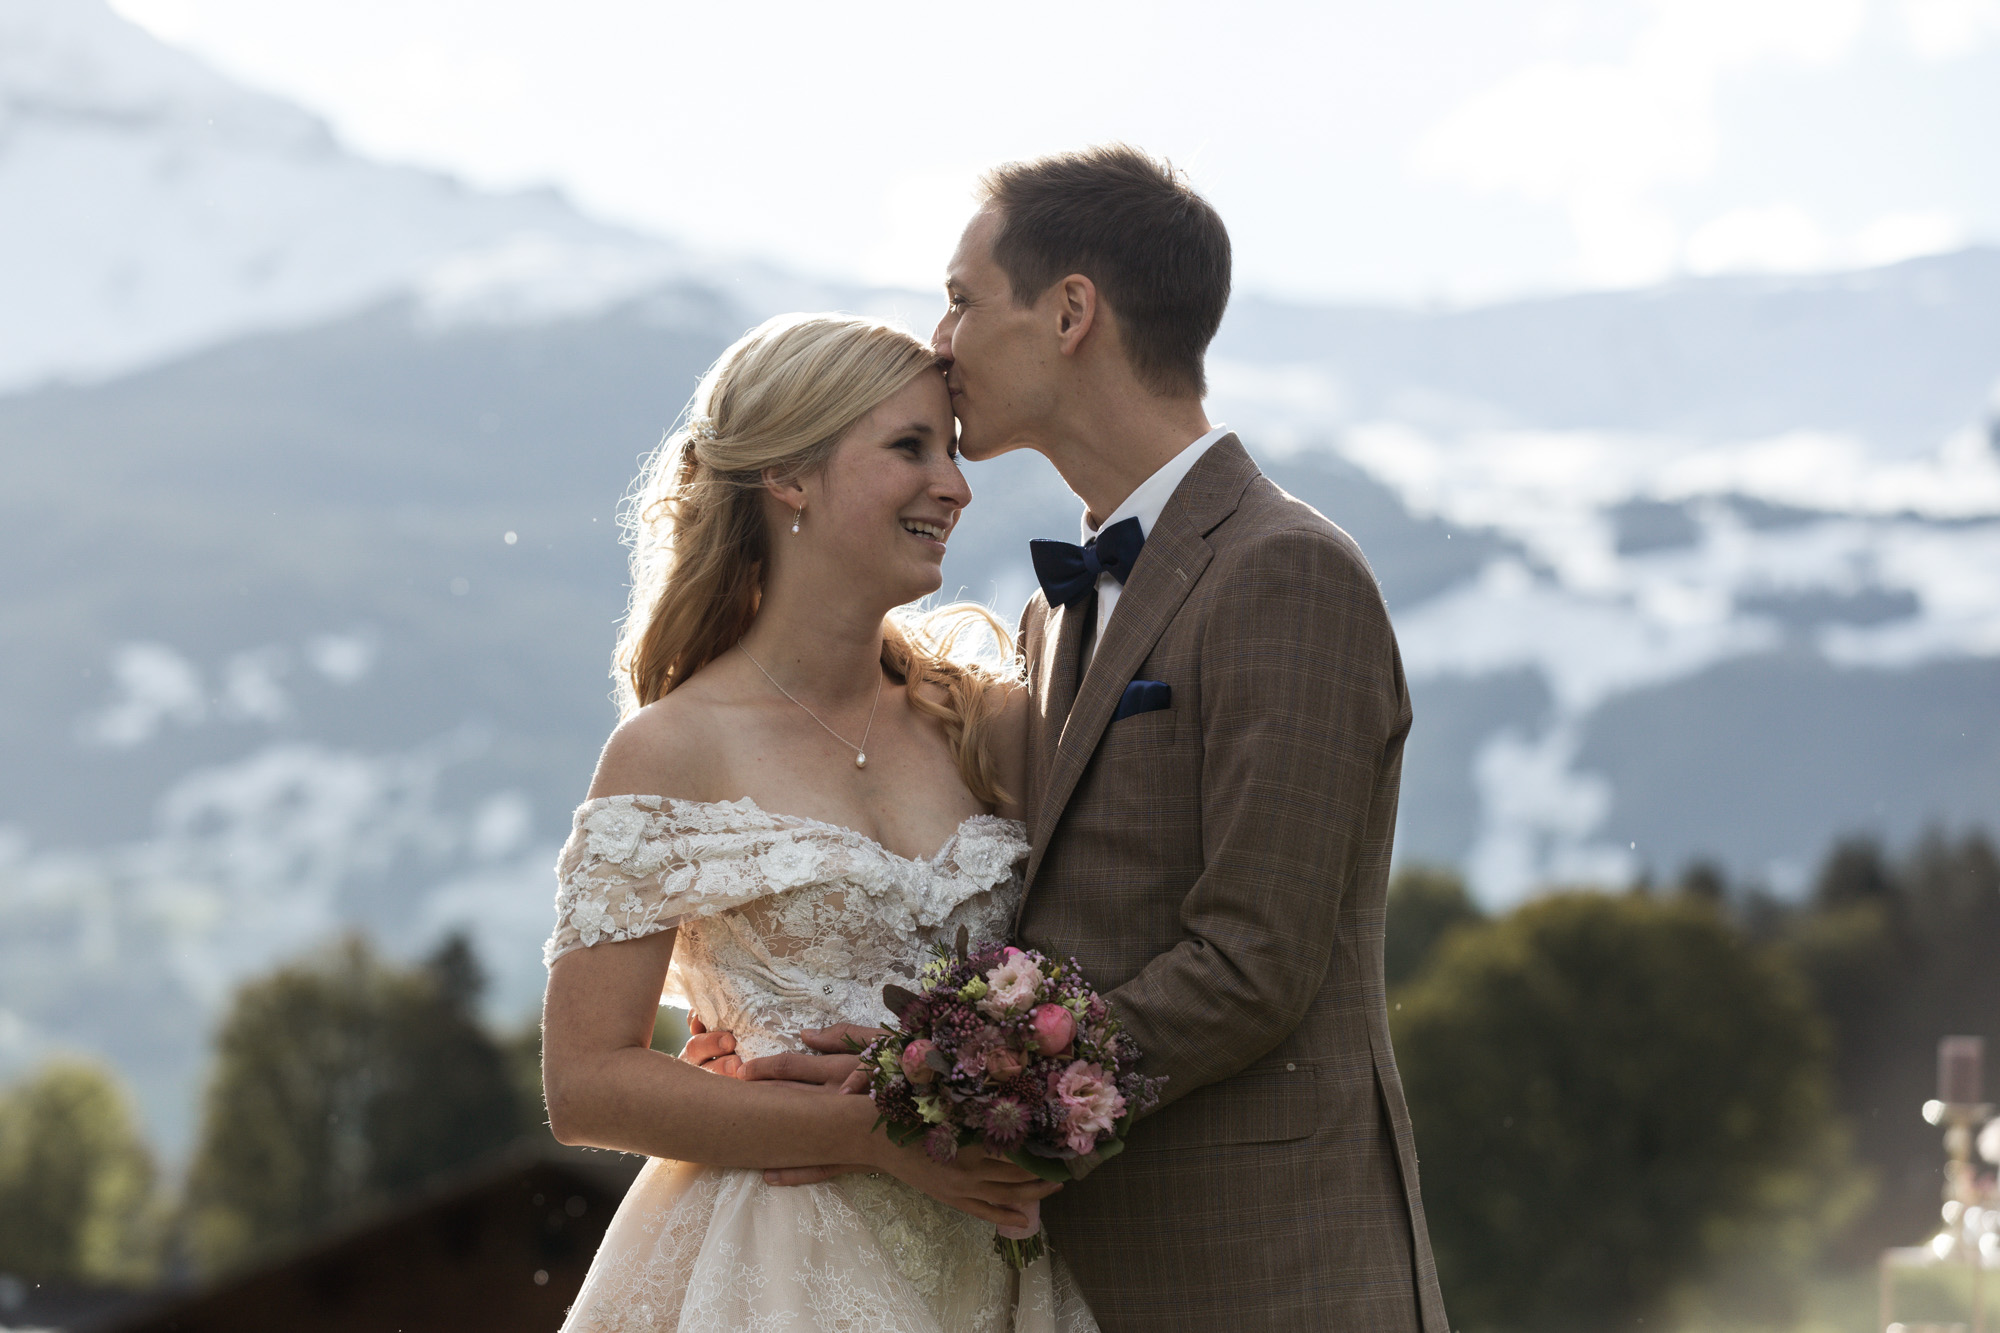 Der Bräutigam küsst seiner Braut auf die Stirn